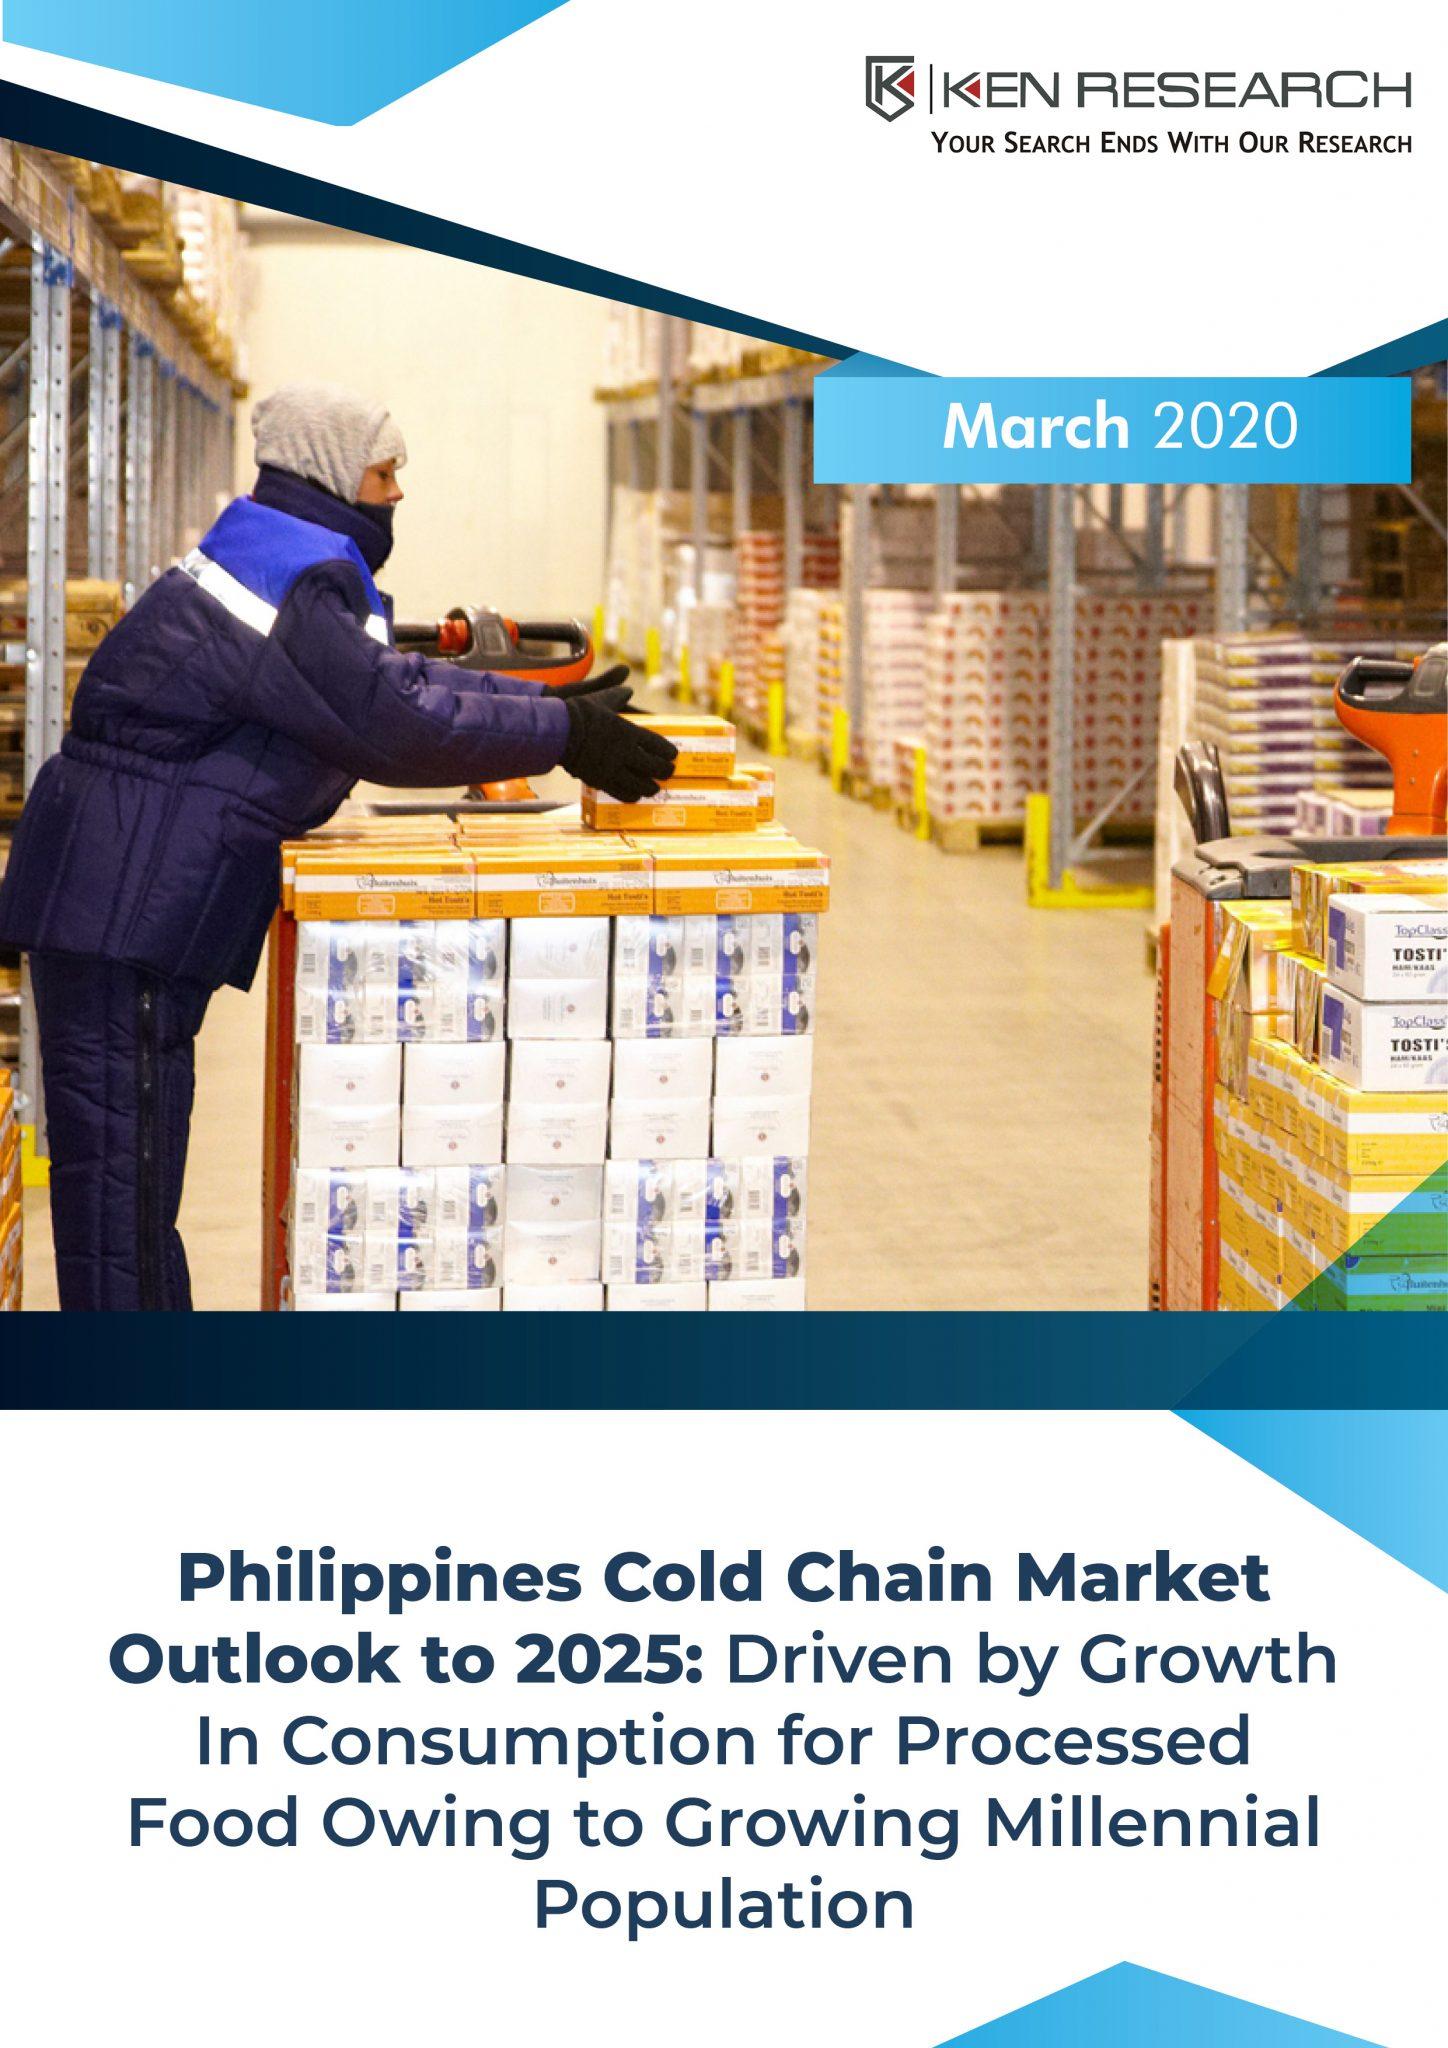 Philippines-Cold-Chain-Market-1.jpg